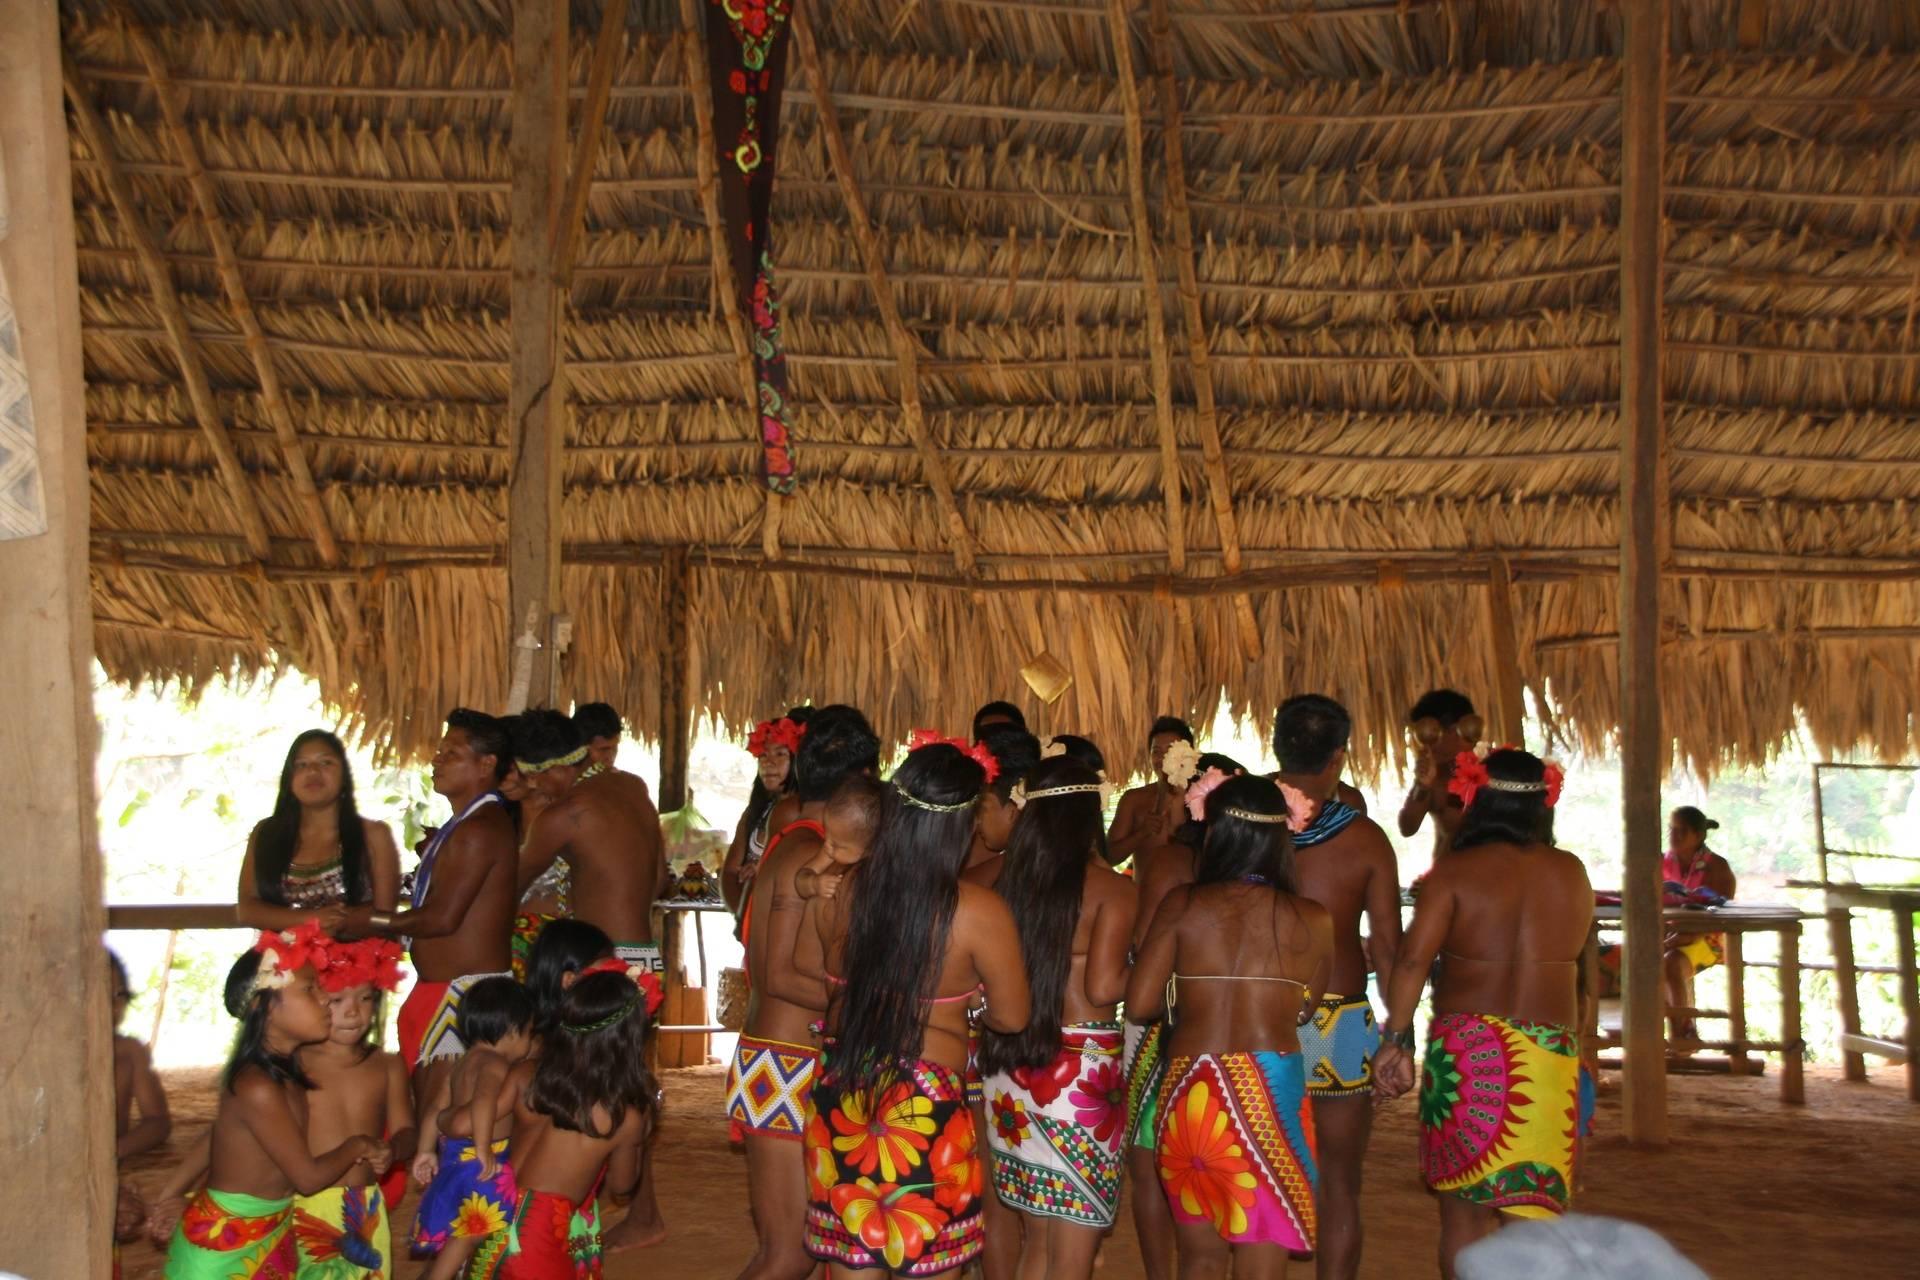 Dancing at Embera Indigenous Village